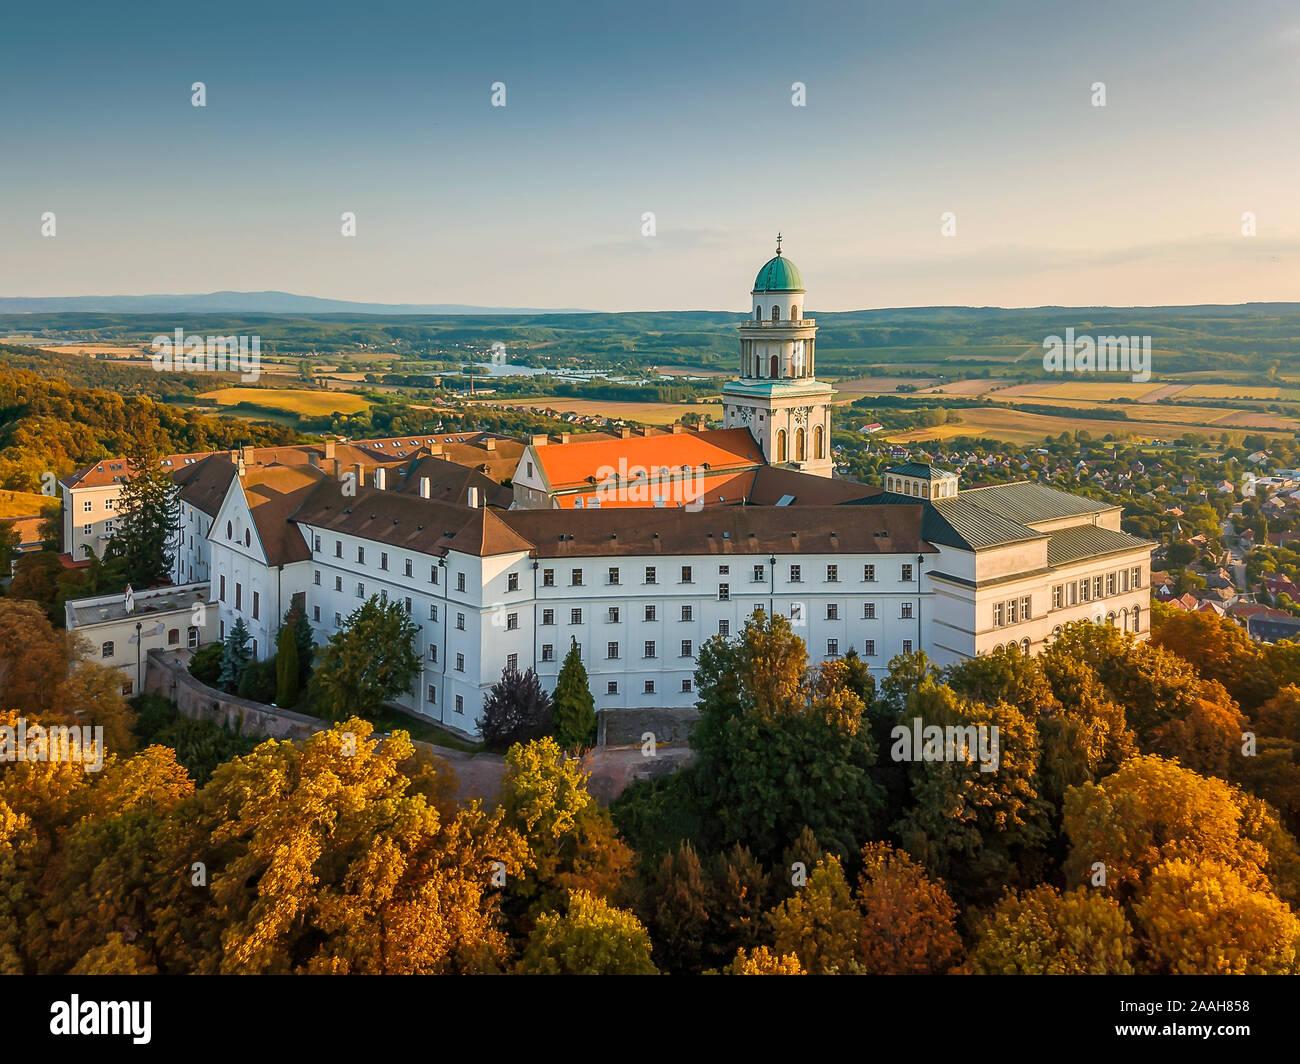 Fantástica foto de Pannonhalama arieal abadía benedictina en Hungría. Impresionante edificio histórico con una hermosa iglesia y biblioteca. Turísticos Populares Foto de stock